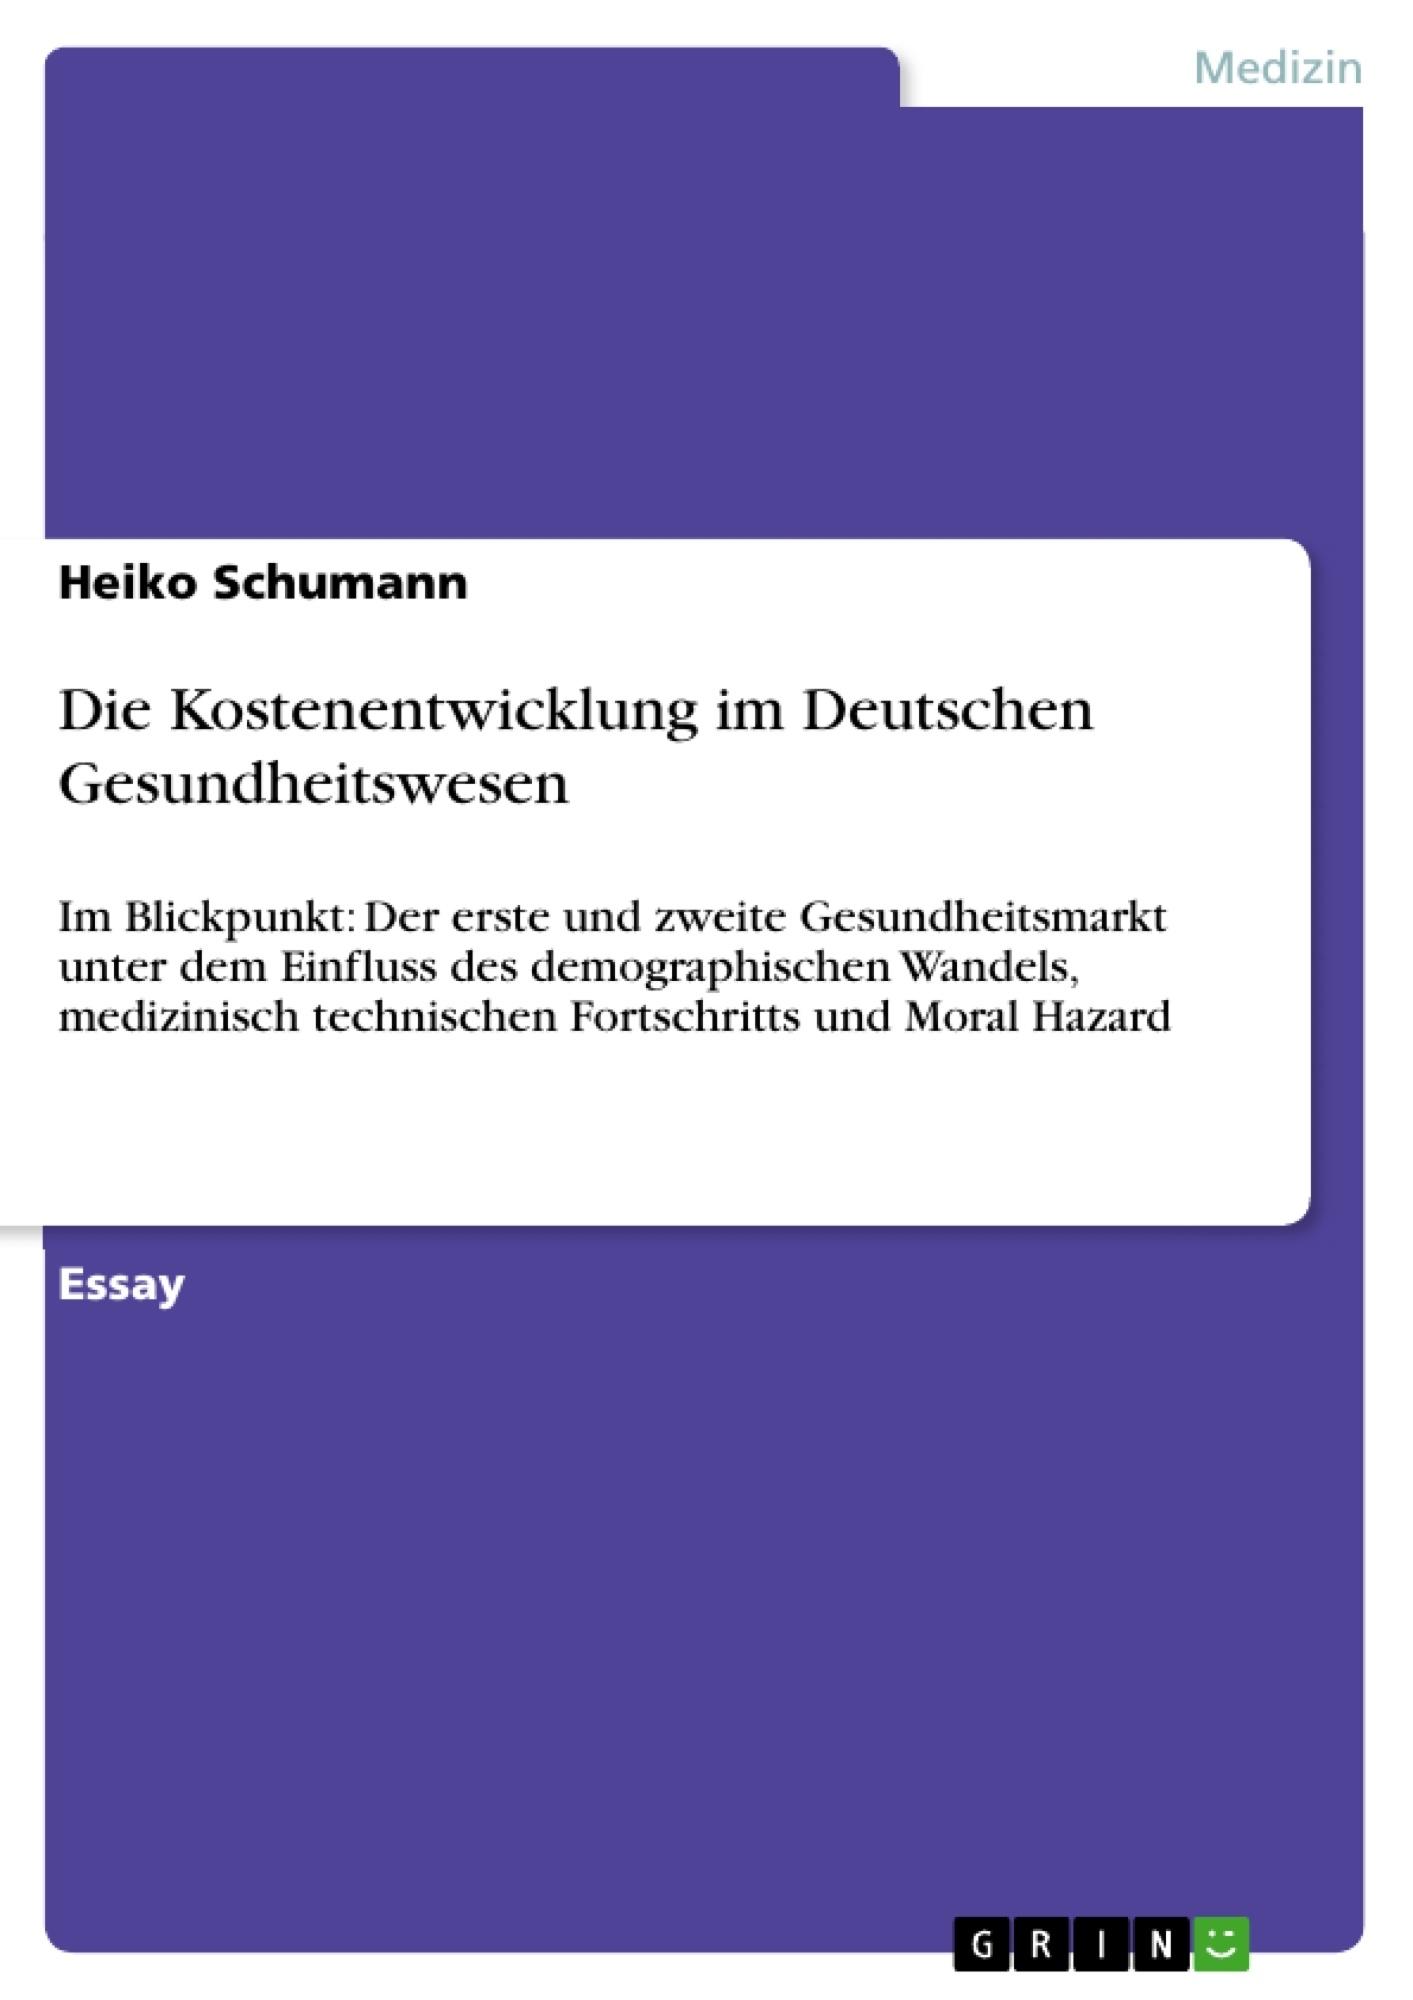 Titel: Die Kostenentwicklung im Deutschen Gesundheitswesen